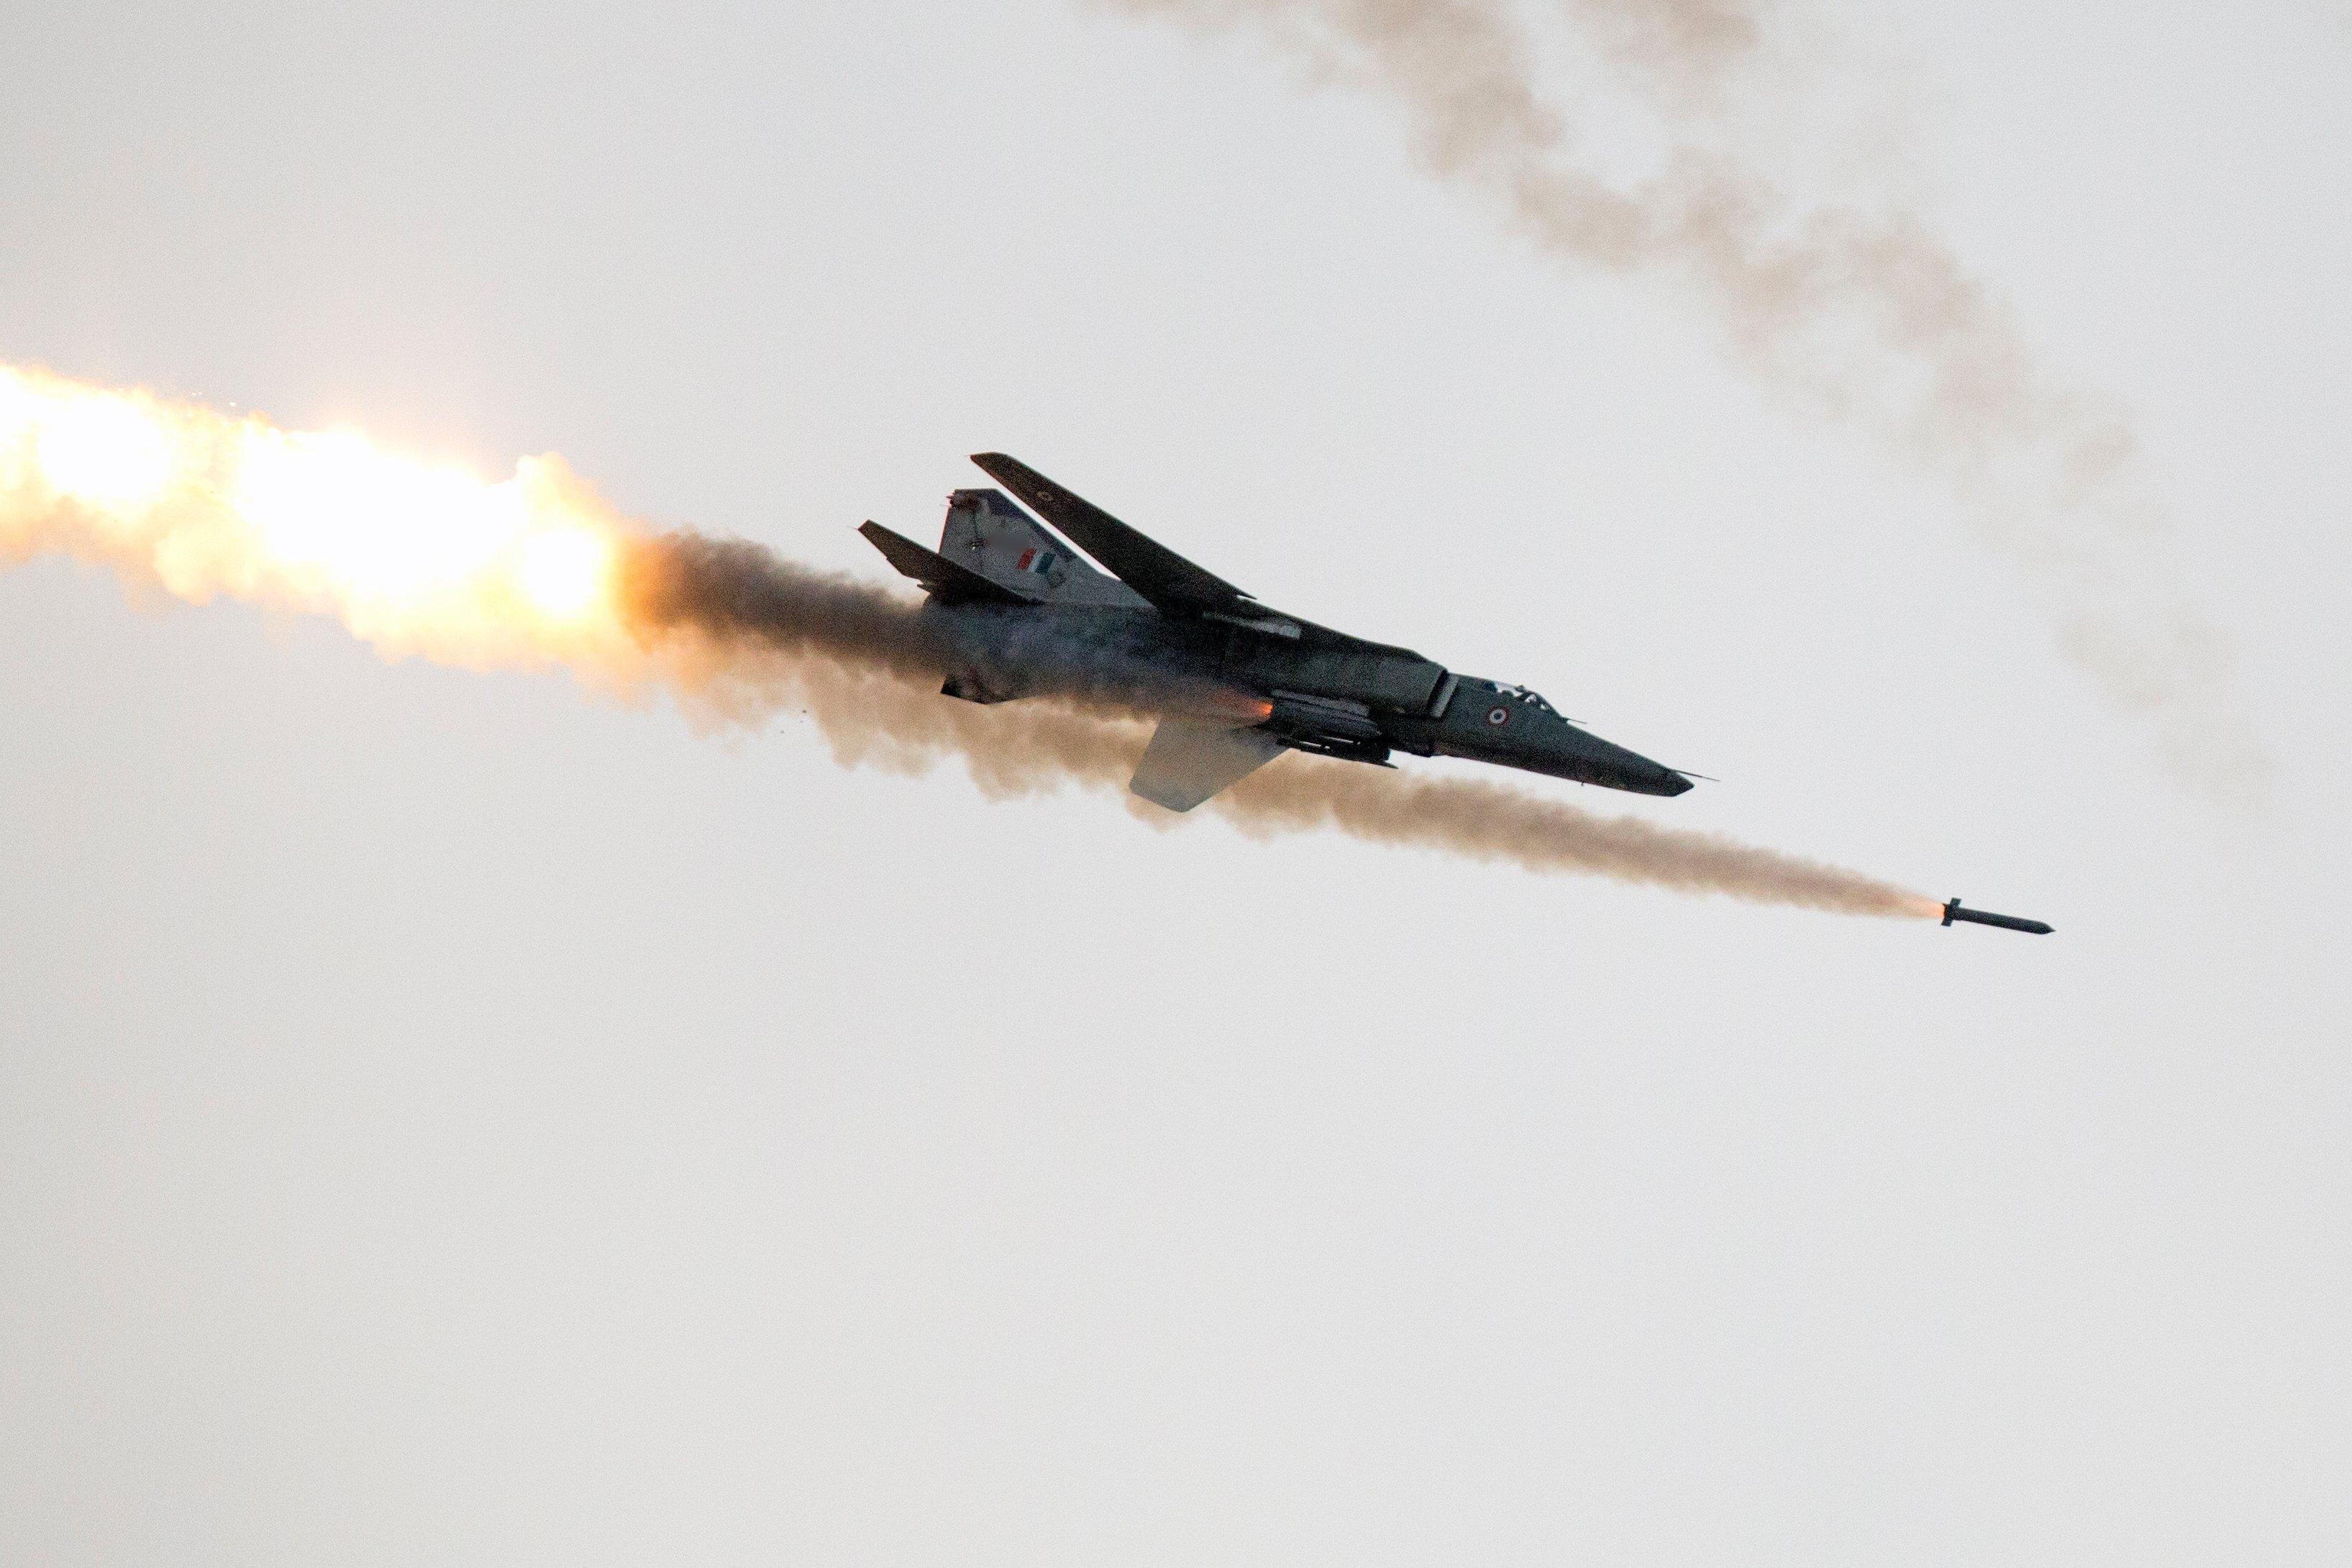 IAF's MiG-27 aircraft bids farewell, takes last flight in Jodhpur